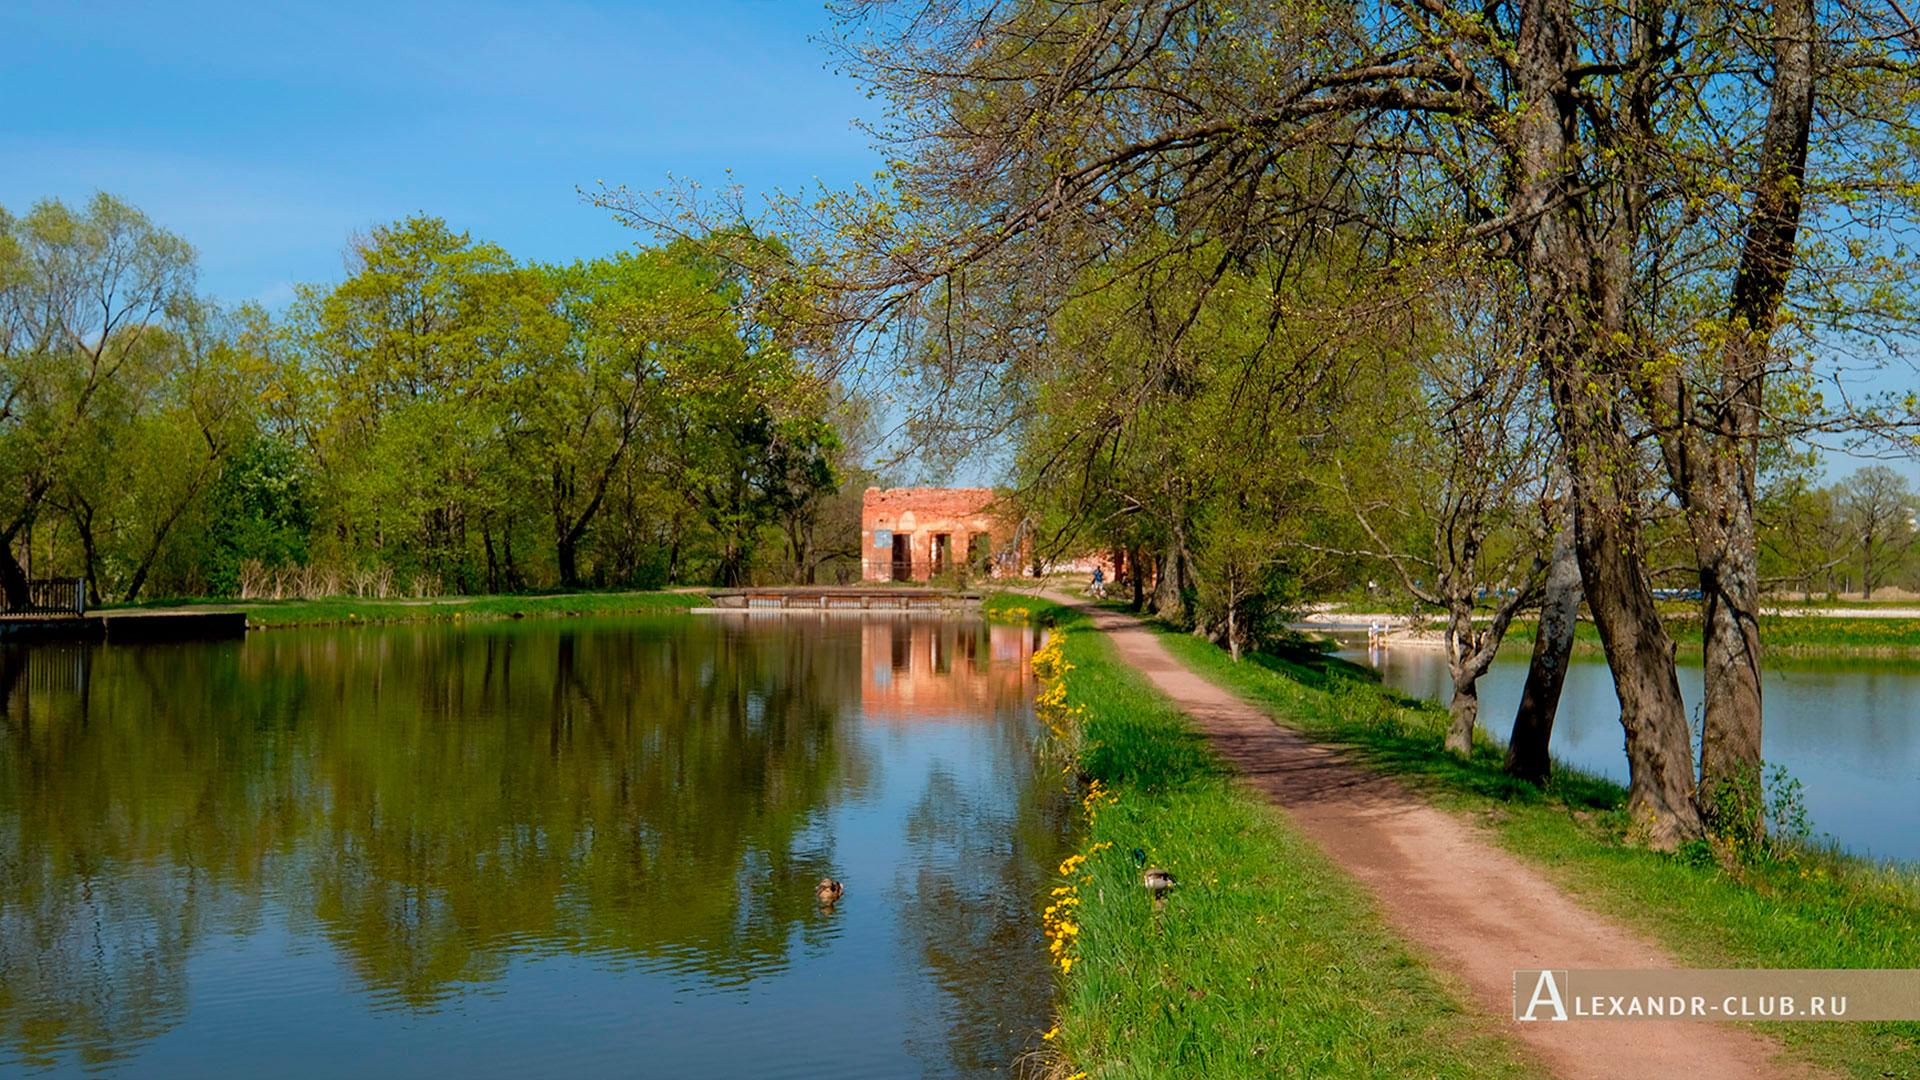 Петергоф, Луговой парк, весна, Старопетергофский канал и Розовый павильон – 3